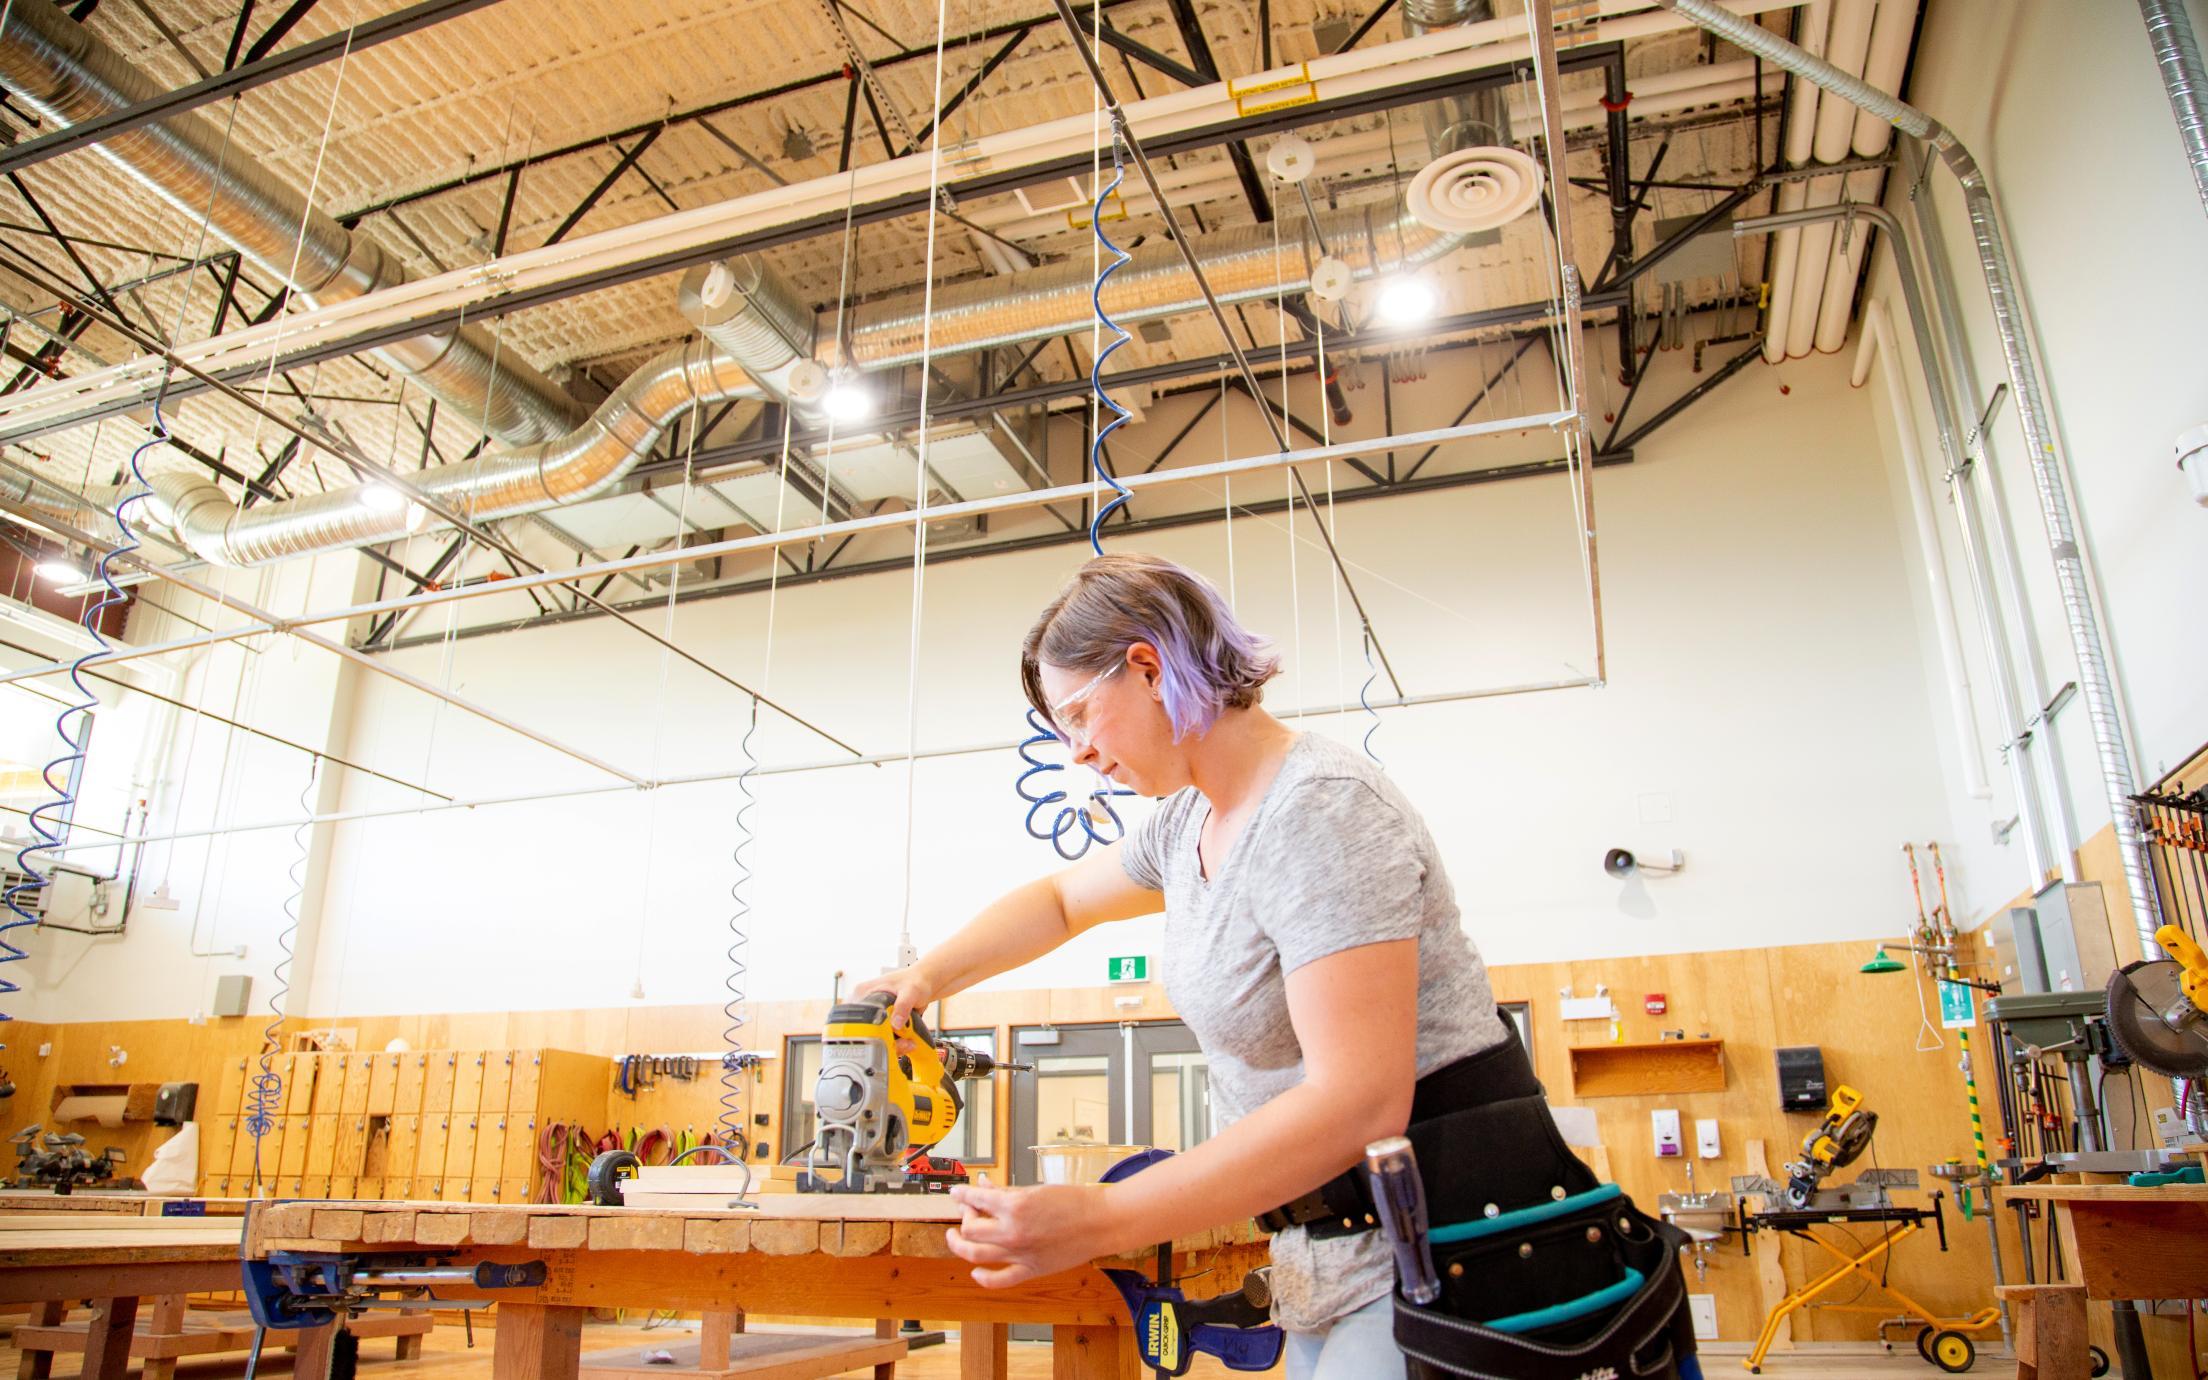 Female cutting a board in carpentry shop